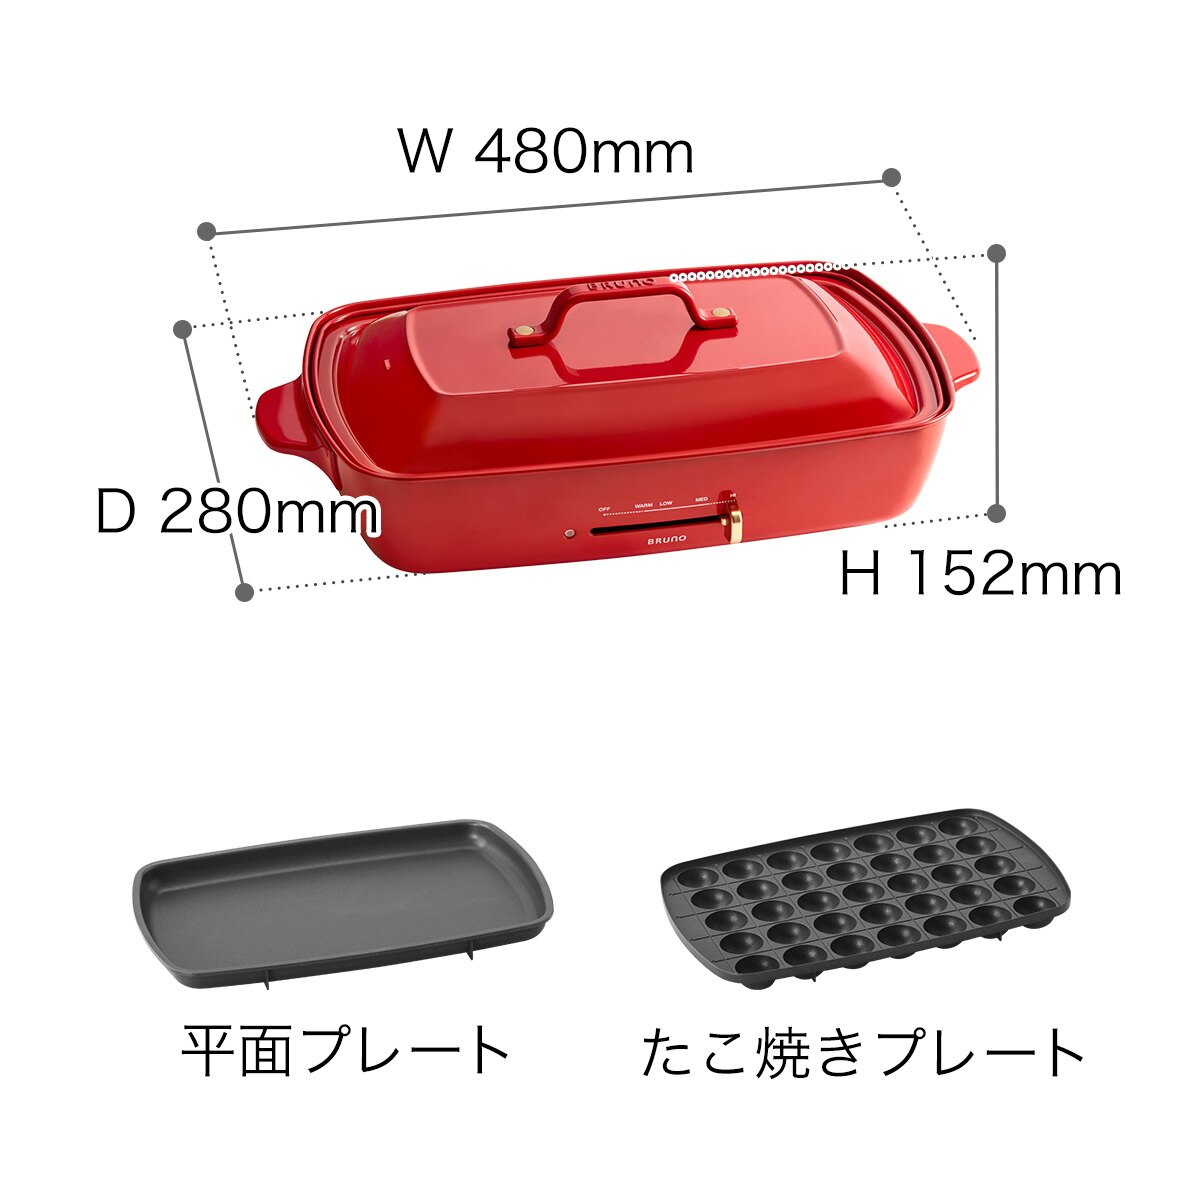 日本BRUNO多功能鑄鐵鍋BOE026(4-5人份量),附2個烤盤 -平盤+章魚燒盤。日本必買|件件含運|日本樂天熱銷Top|日本空運直送|日本樂天代購